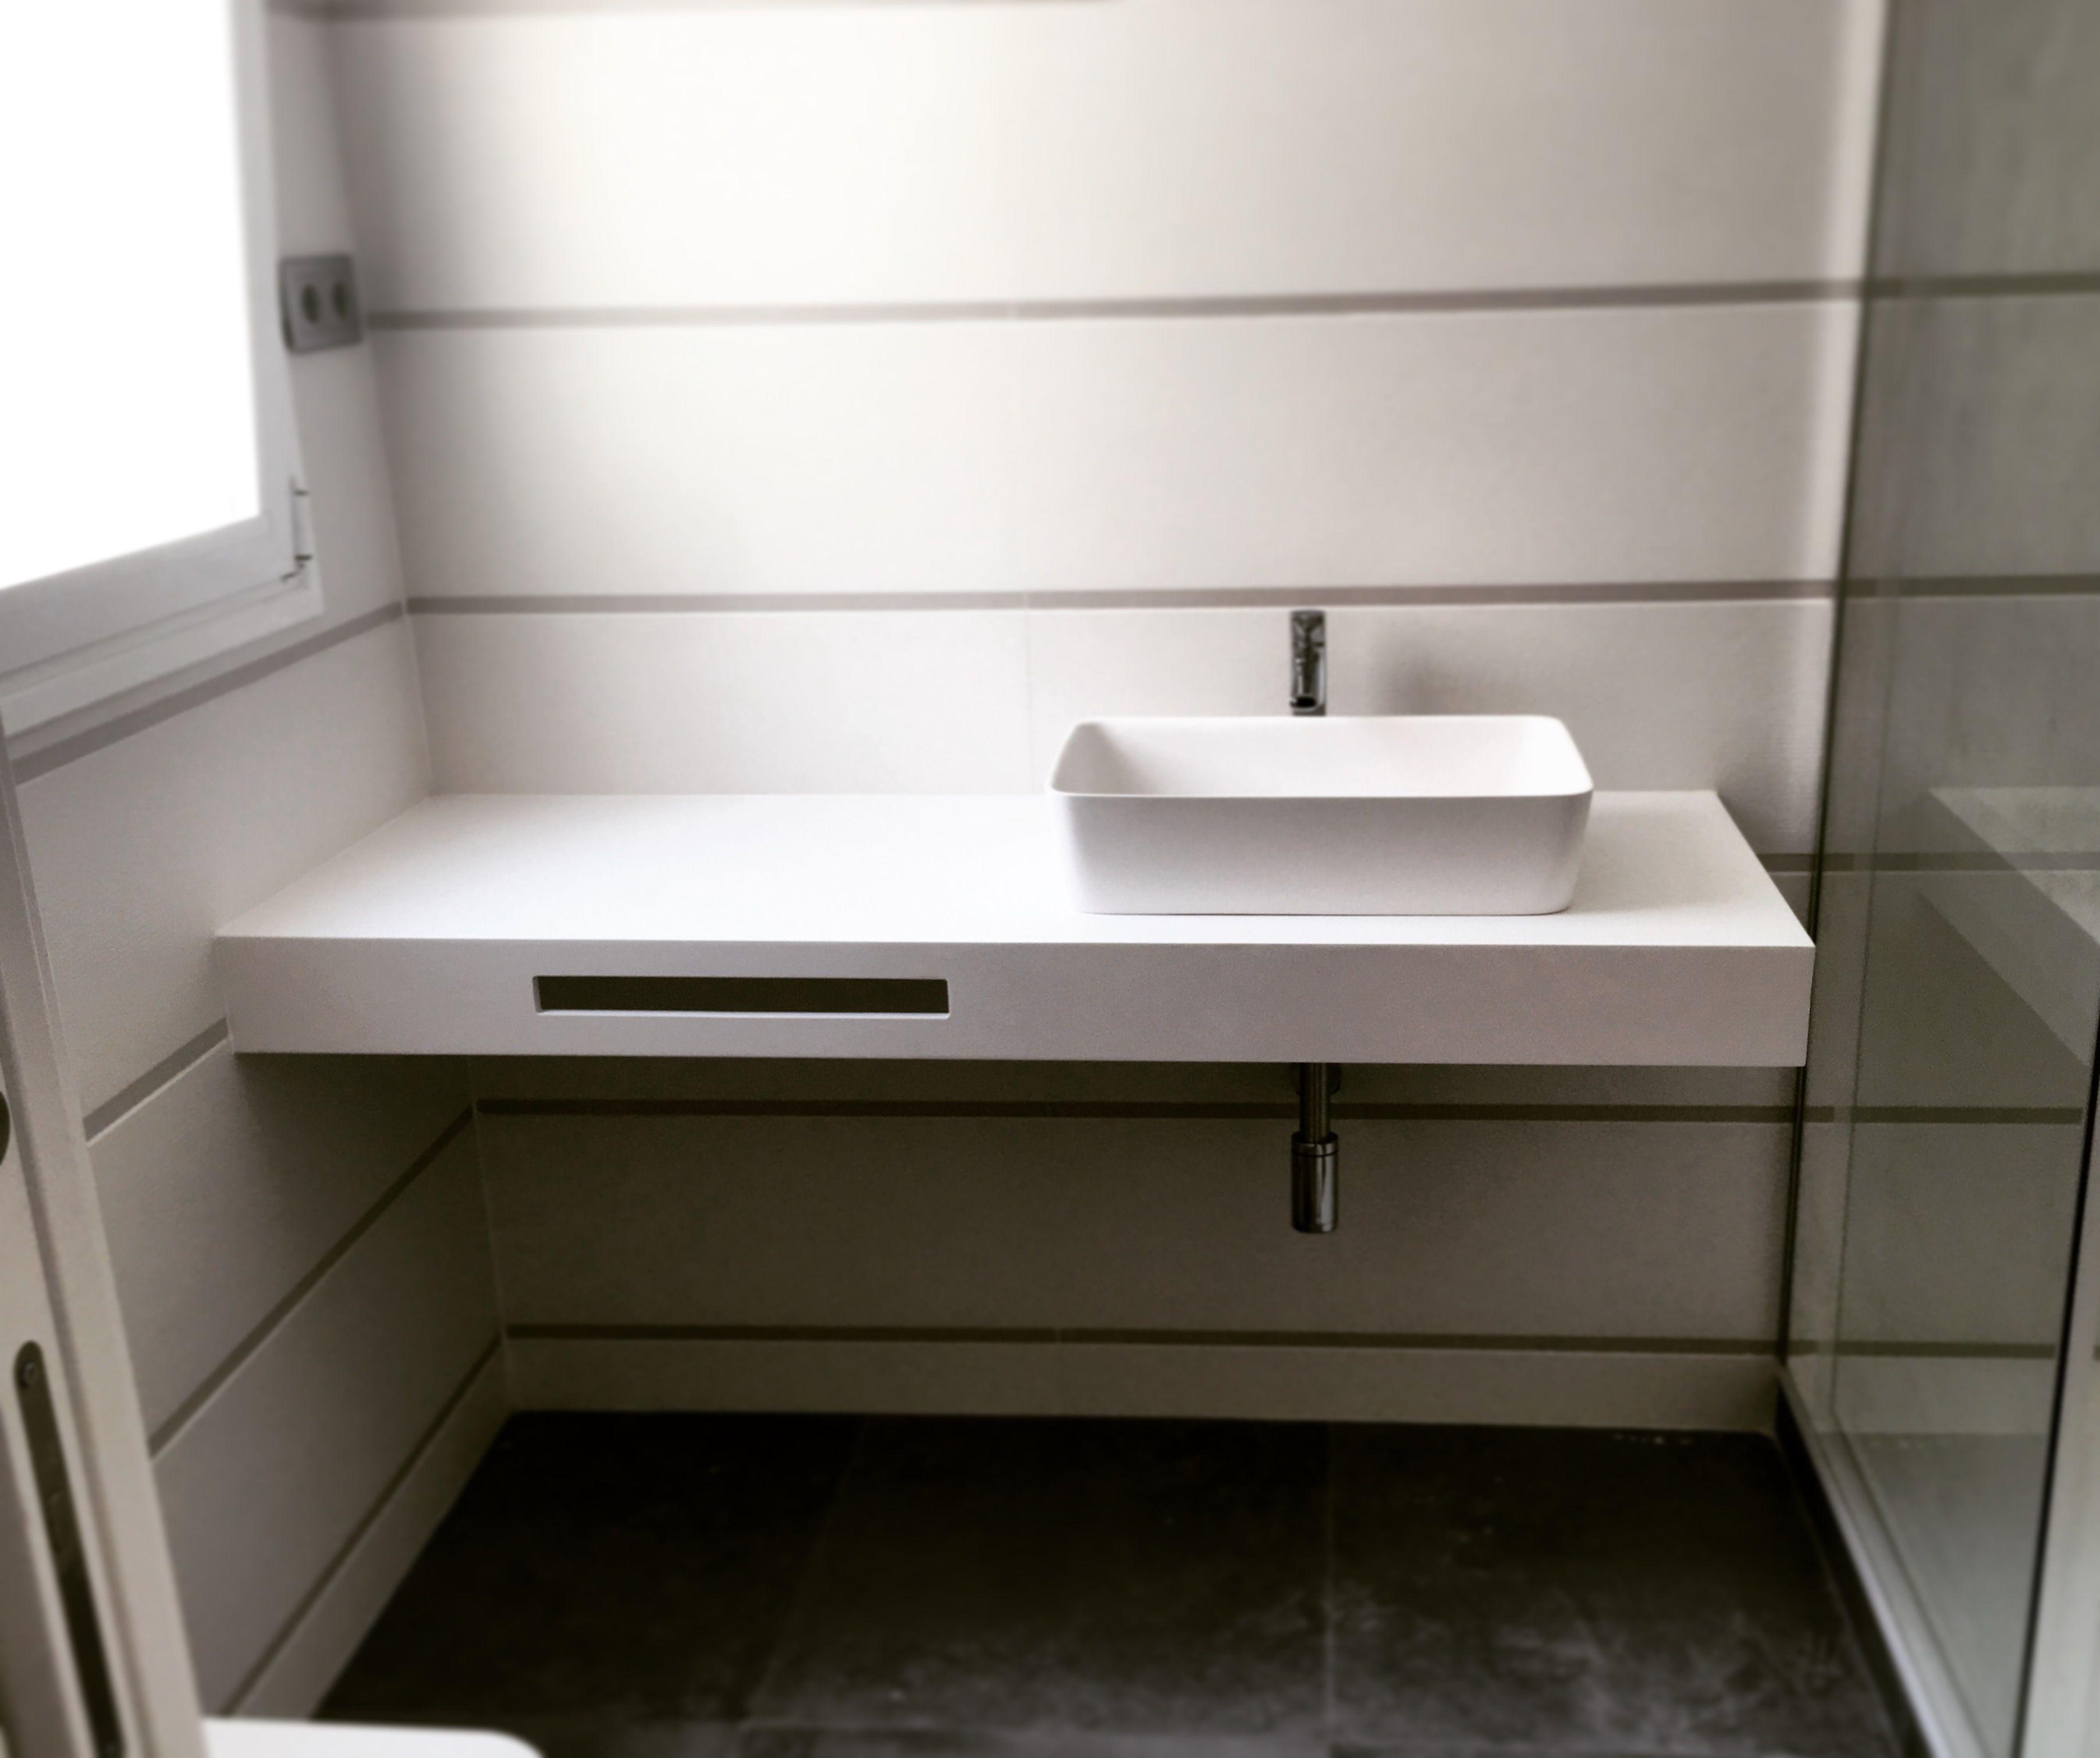 Encimera Superficie Sólida | Encimeras, Toalleros baño ...